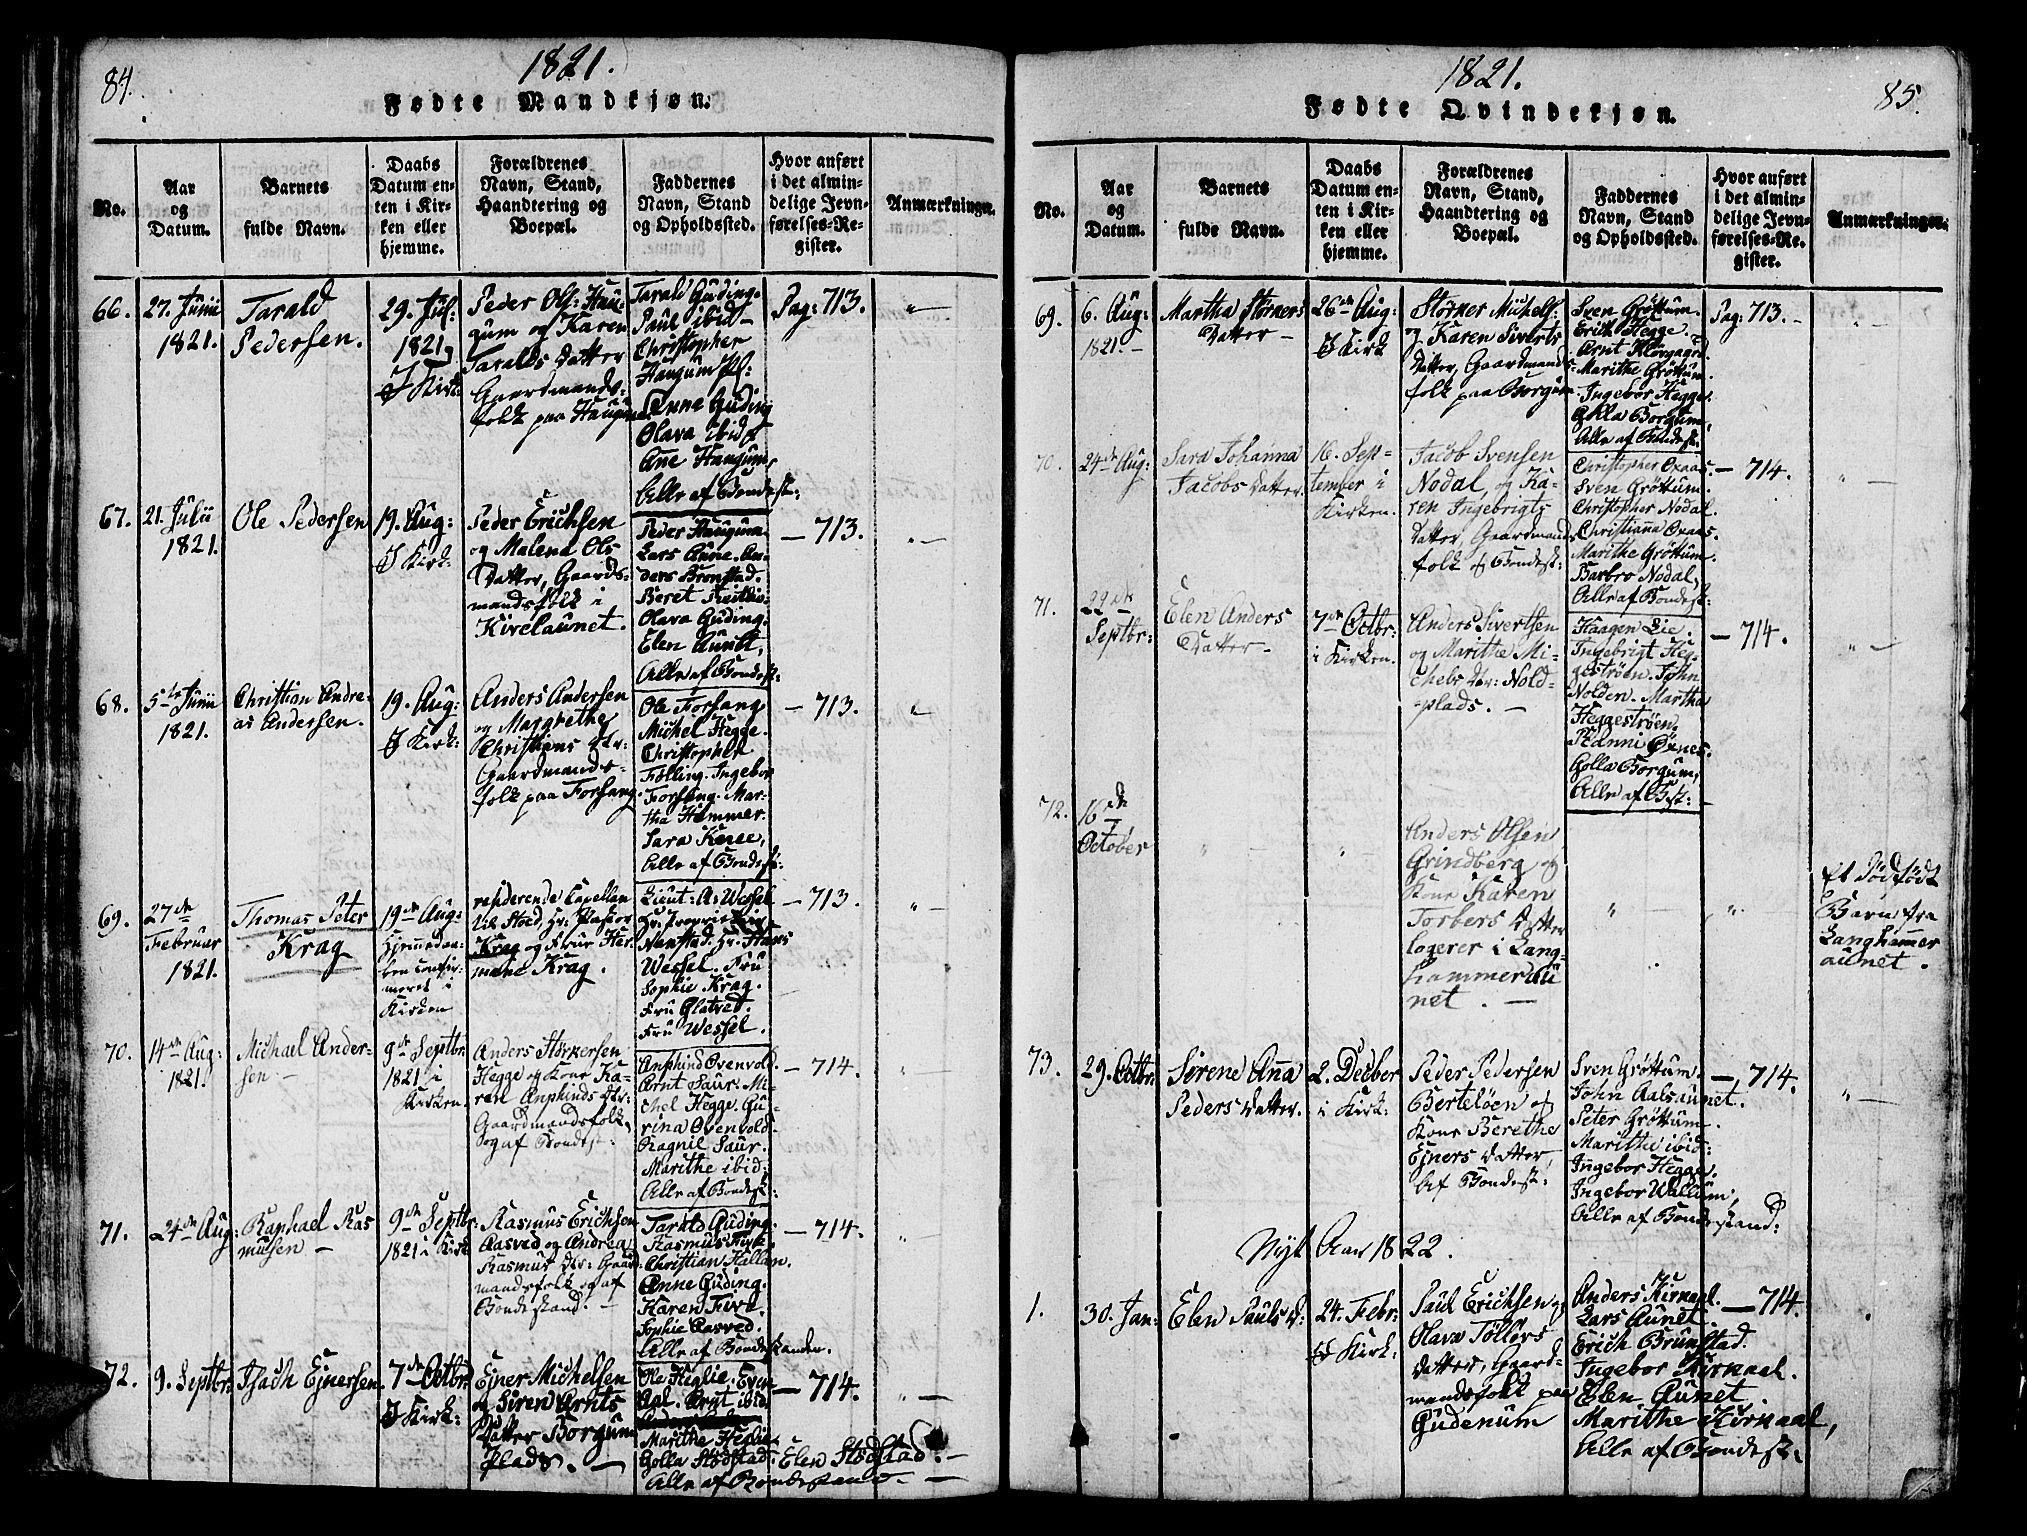 SAT, Ministerialprotokoller, klokkerbøker og fødselsregistre - Nord-Trøndelag, 746/L0441: Ministerialbok nr. 746A03 /2, 1816-1827, s. 84-85